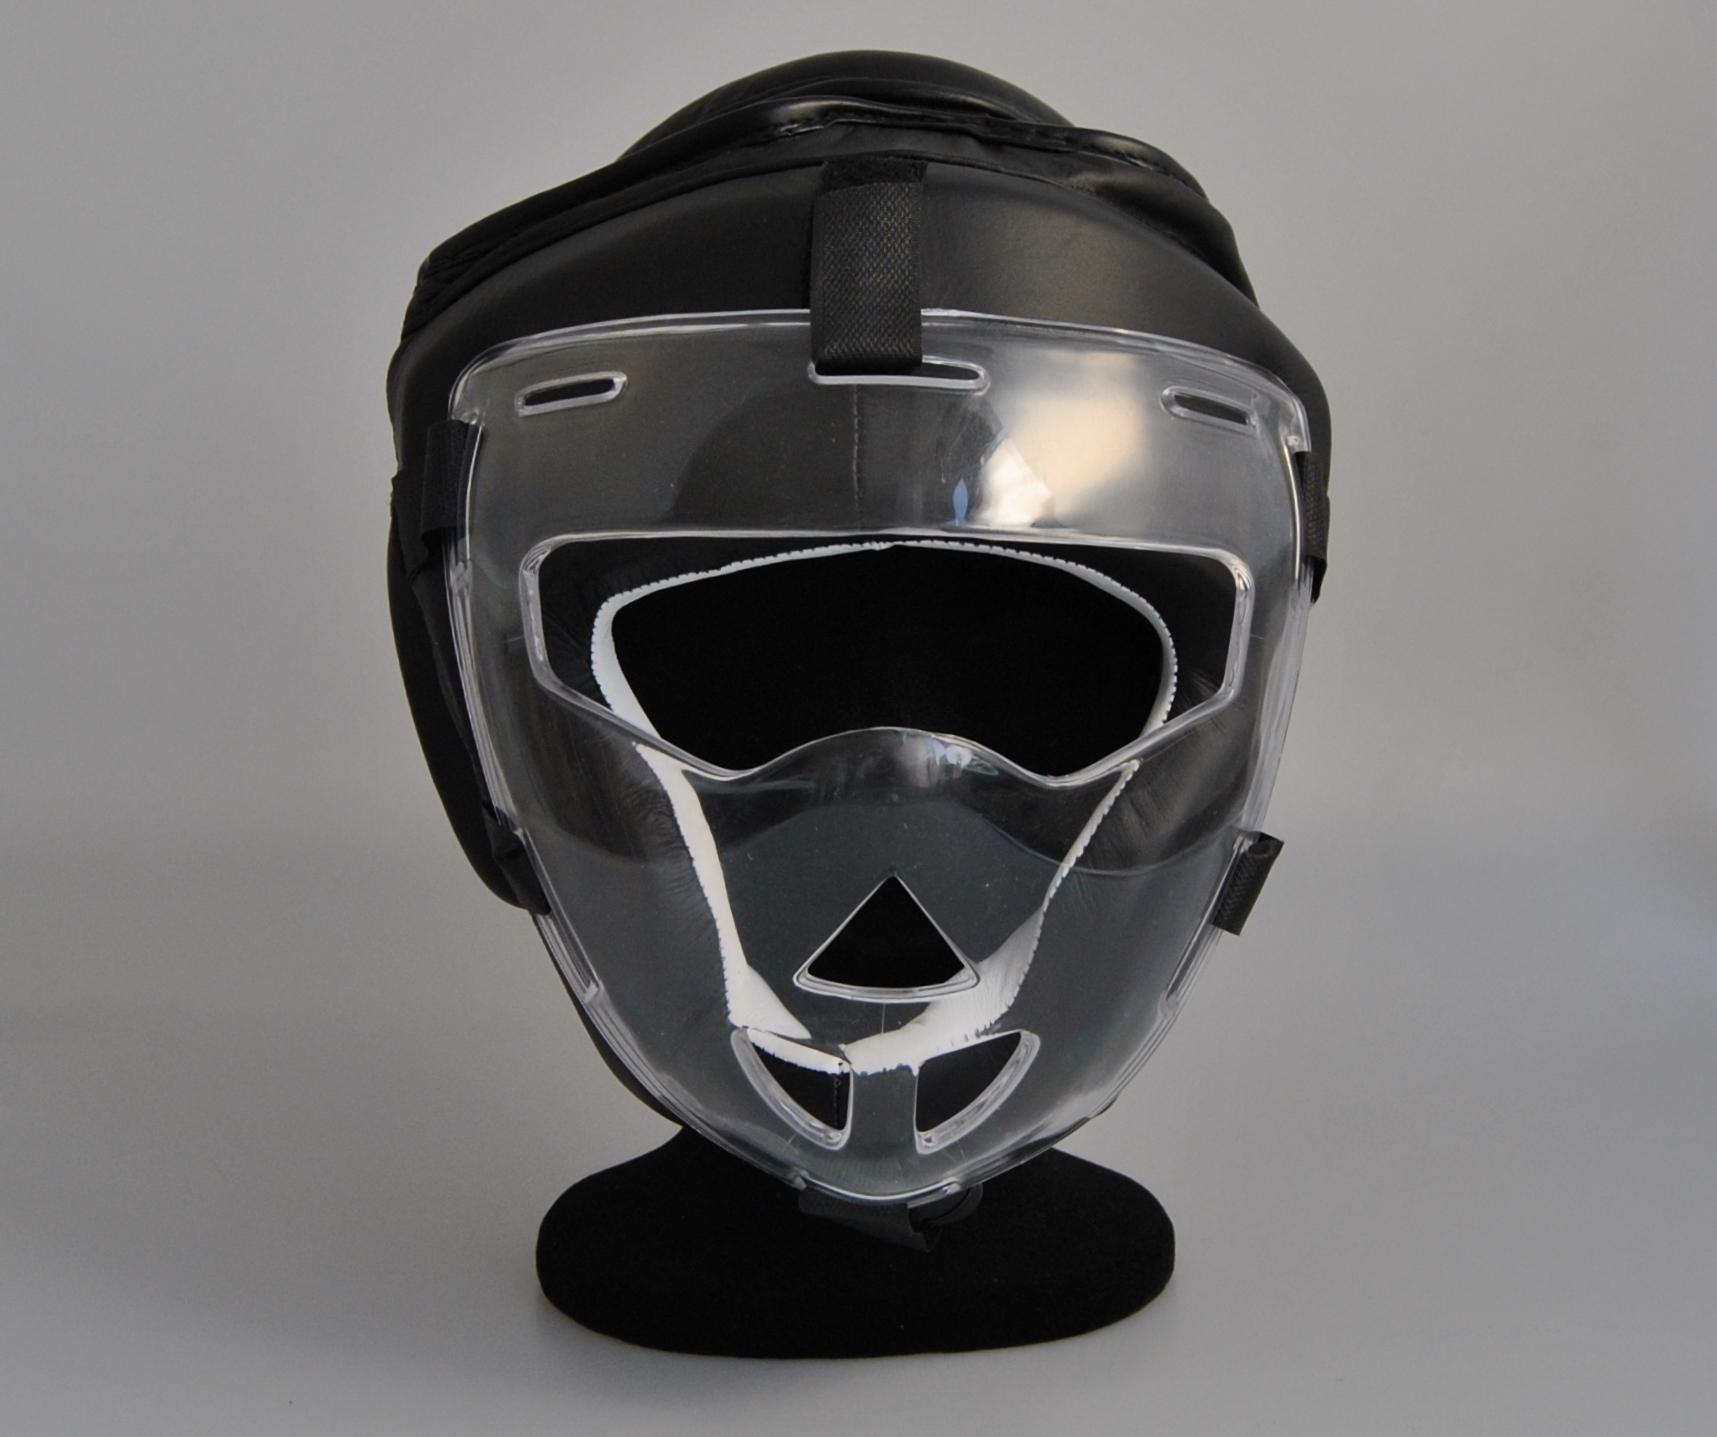 Phoenix Kopfschutz mit Visier Leder Schwarz